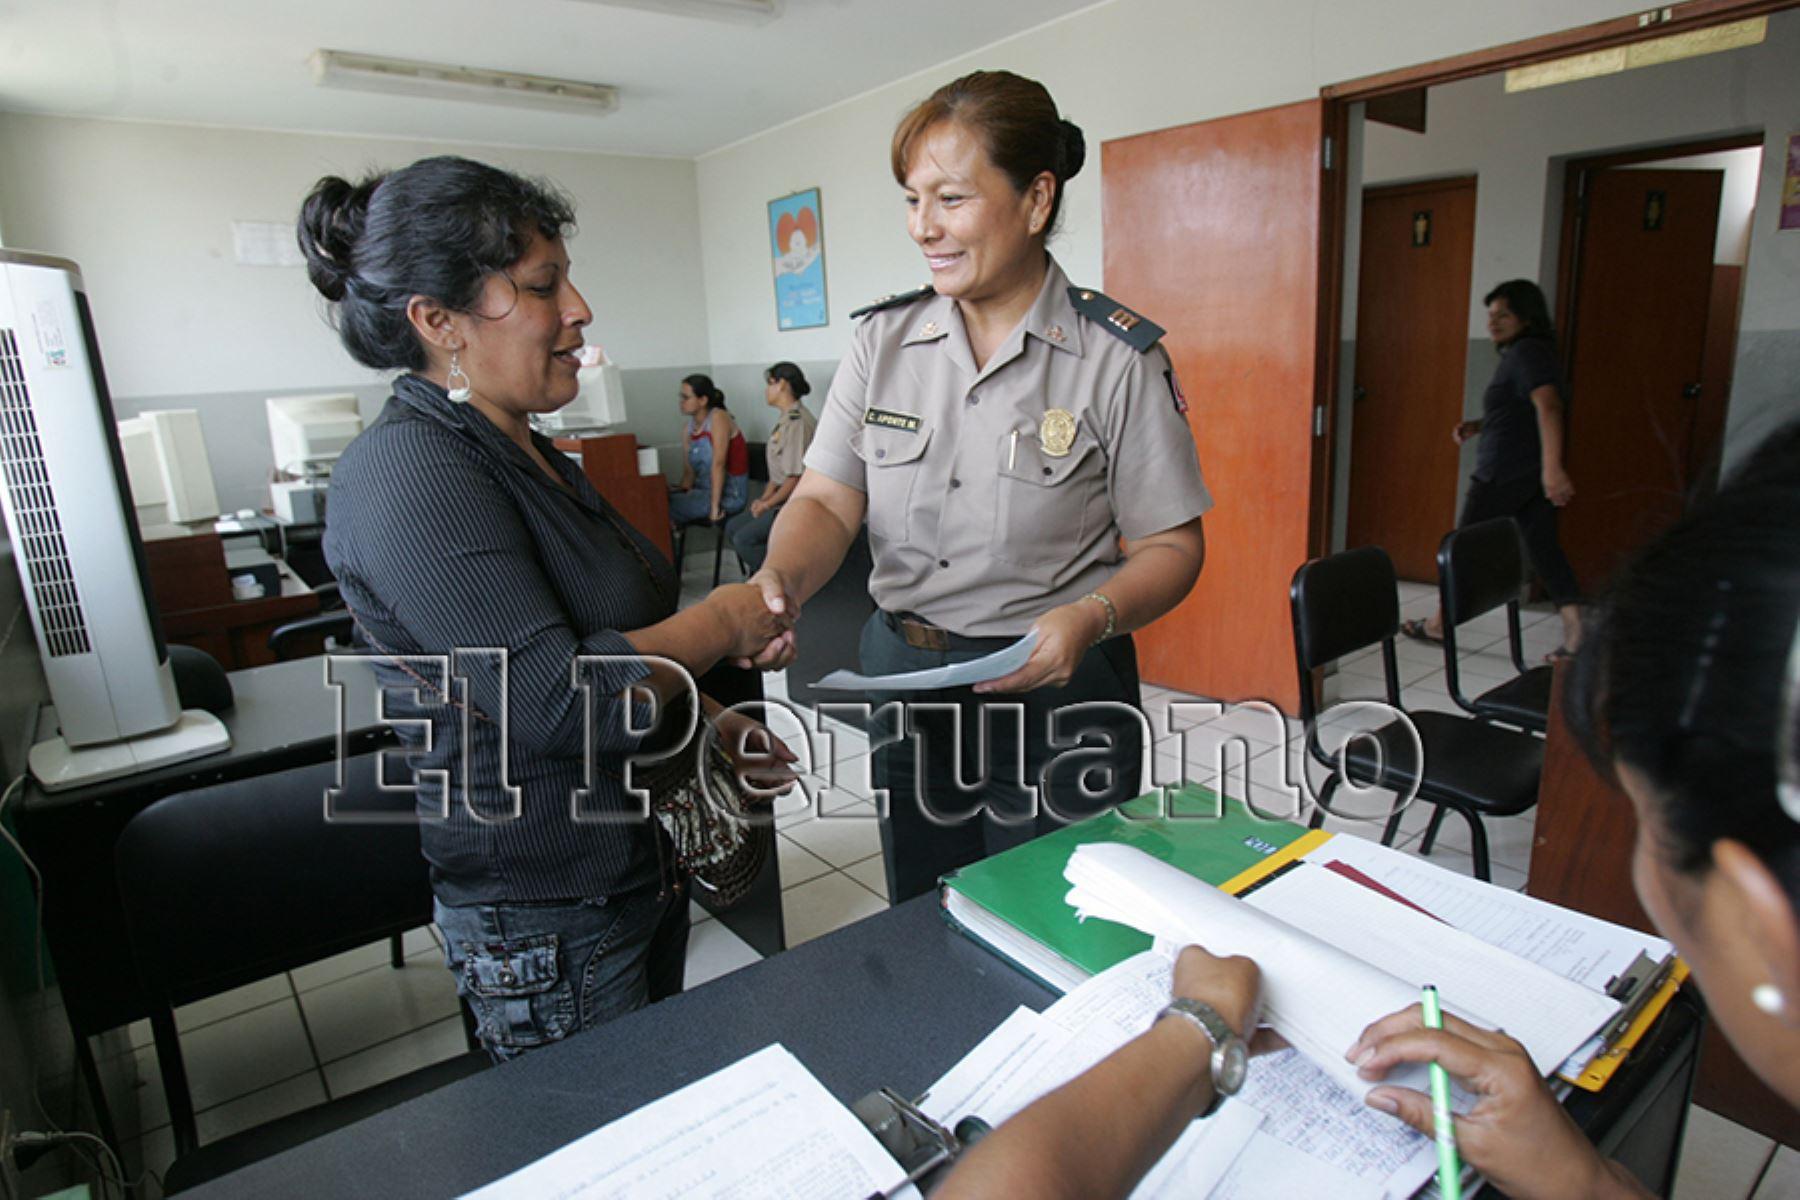 Lima – 23 febrero 2006 / Carmen Aponte, capitán de la PNP, a cargo de la comisaría de mujeres de Villa El Salvador.  Foto: Archivo EL PERUANO